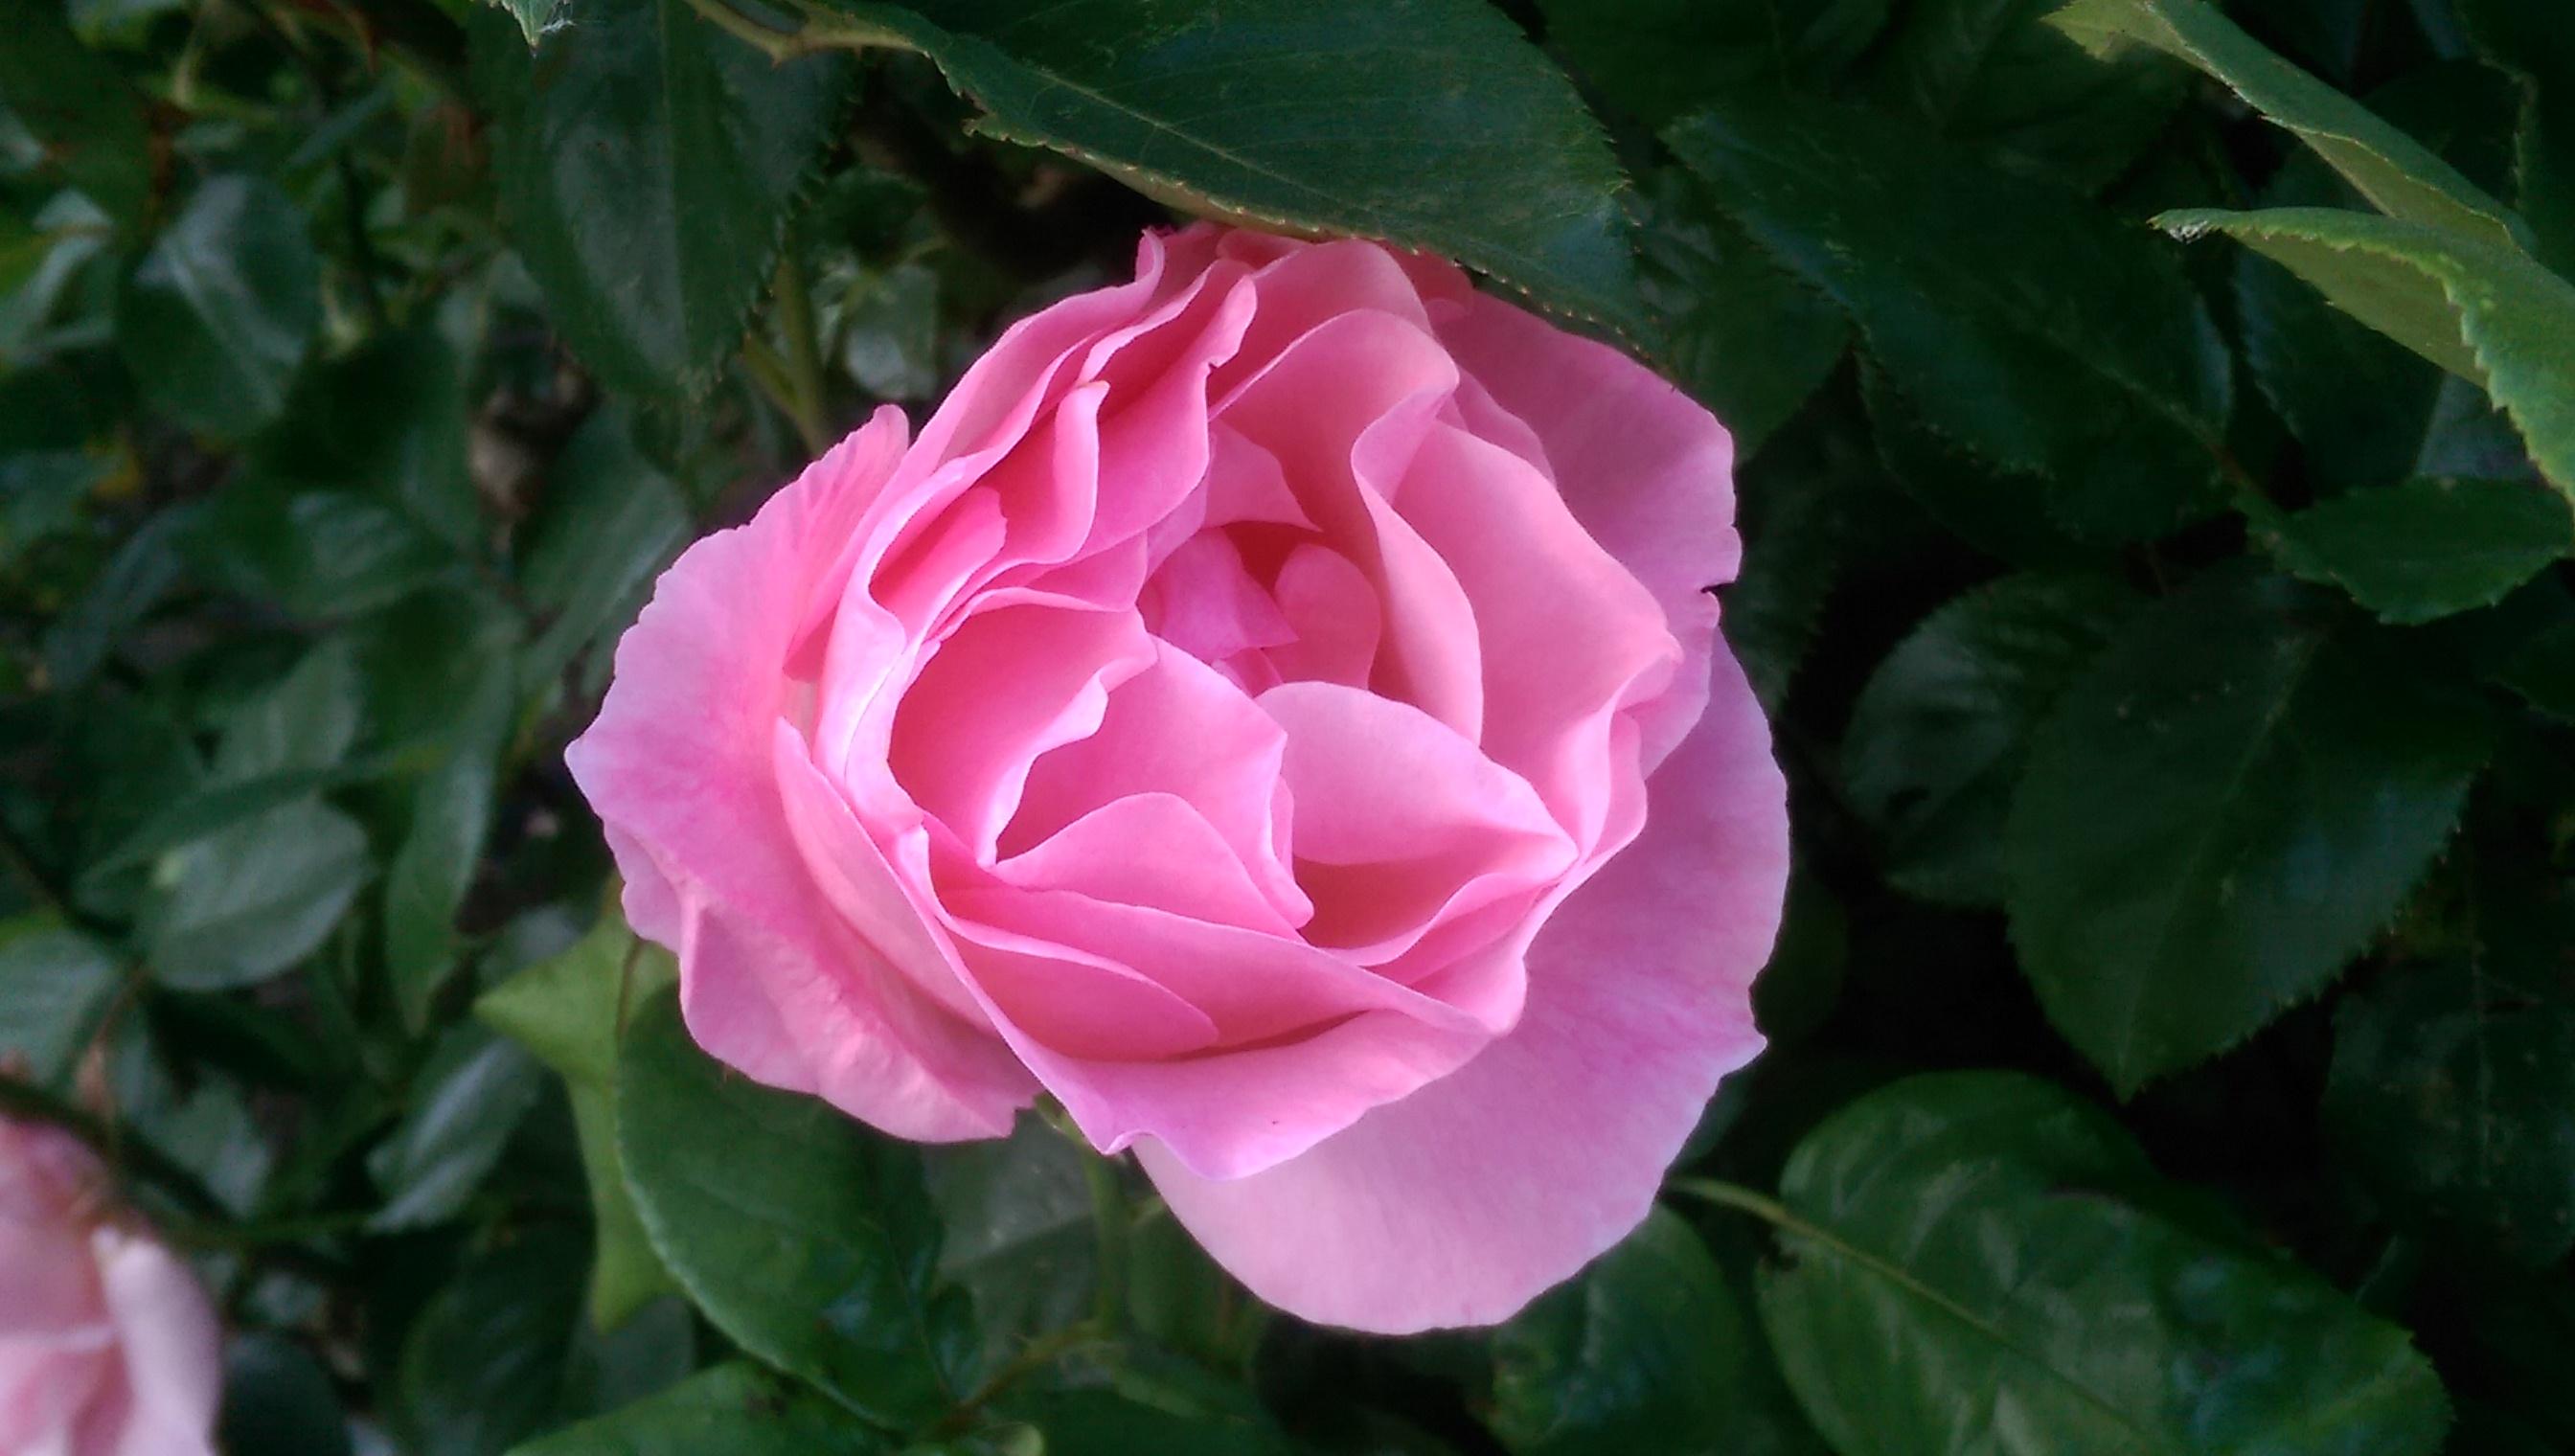 Close-up of a beautiful pink rose